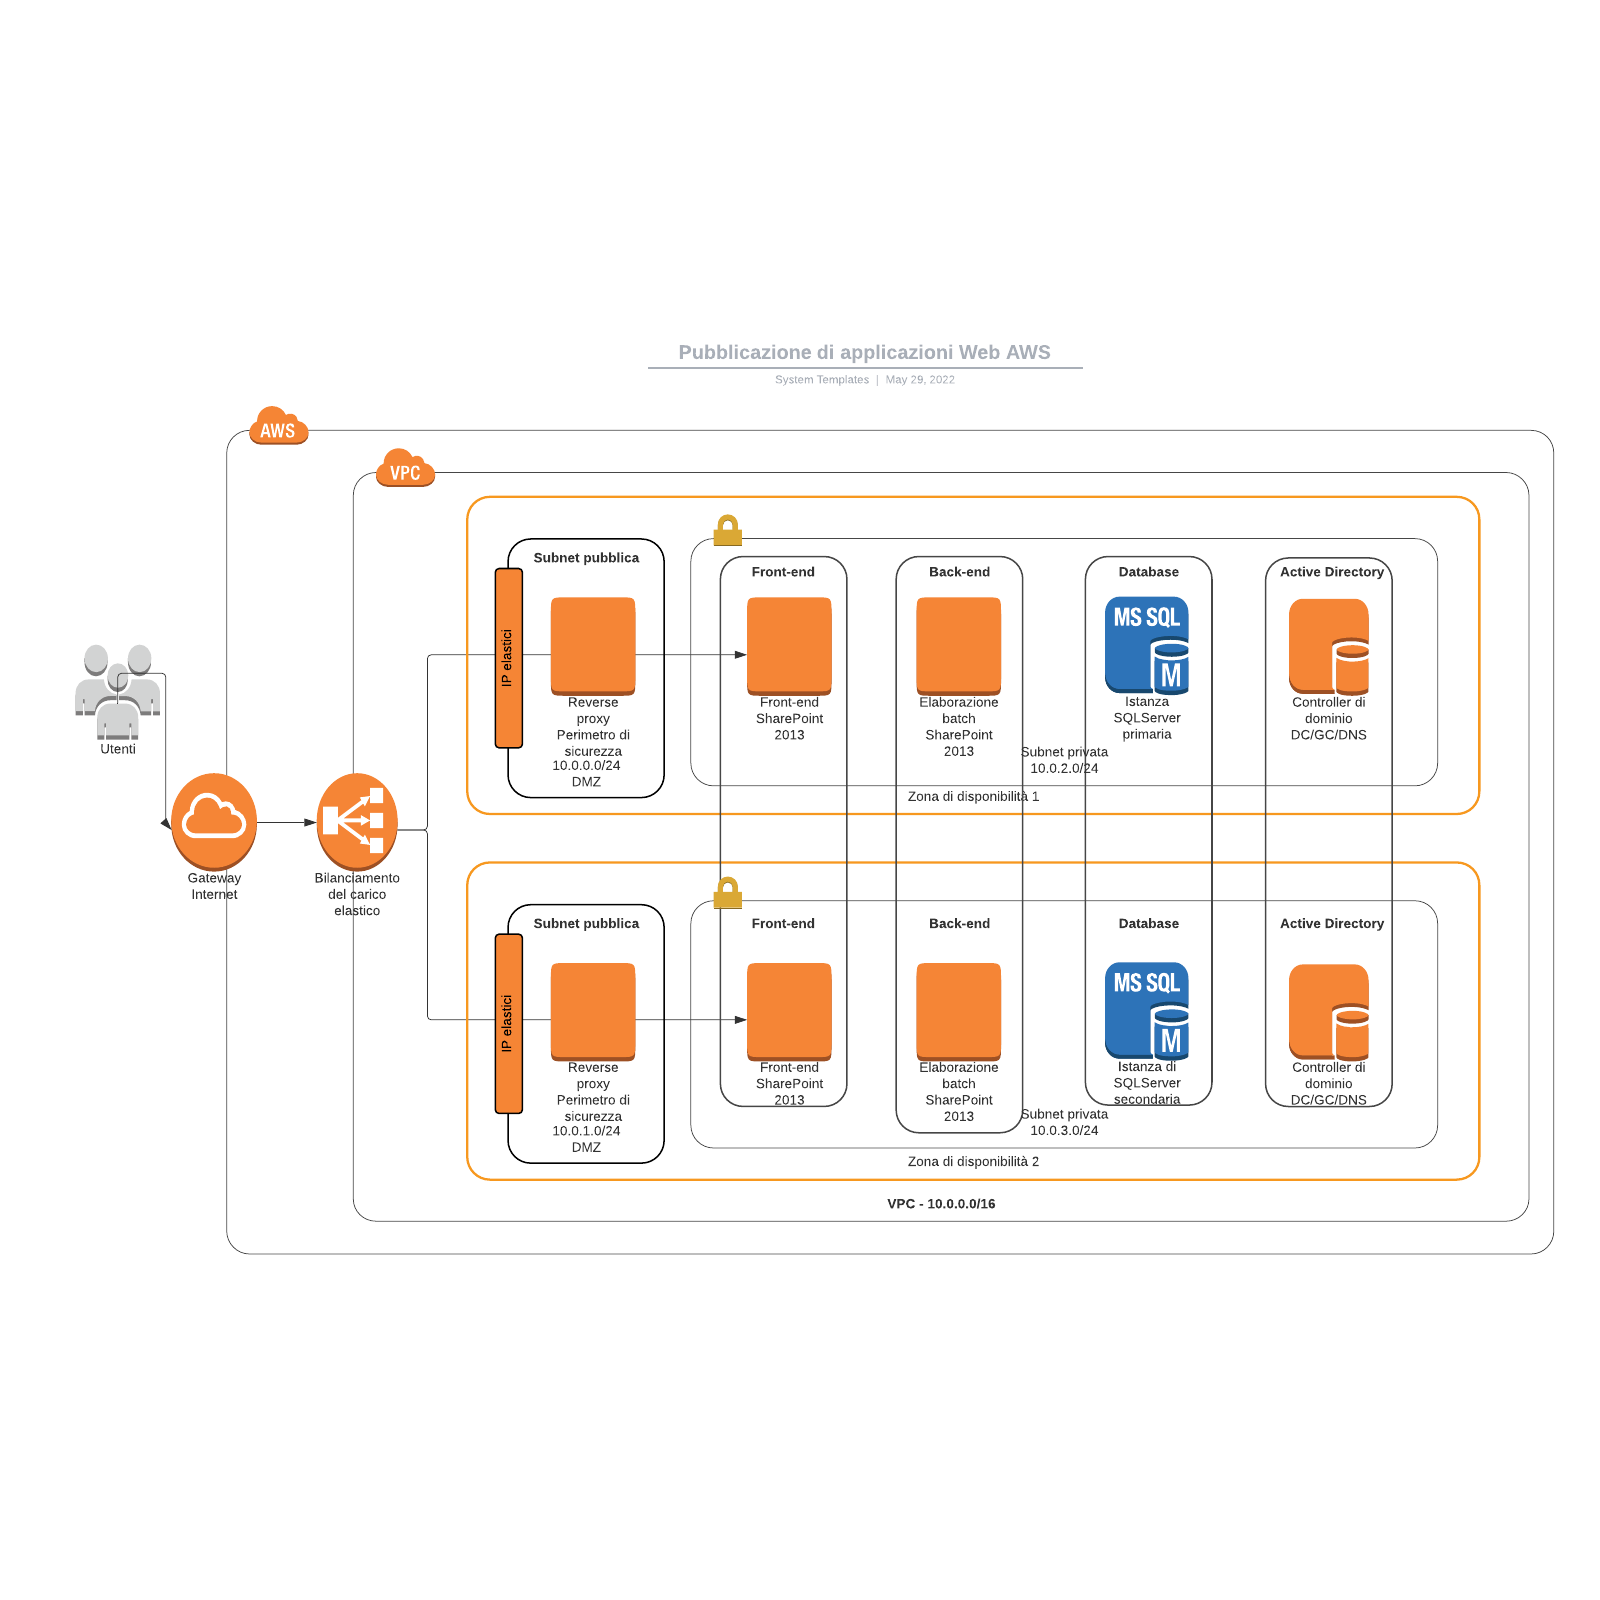 Pubblicazione di applicazioni Web AWS